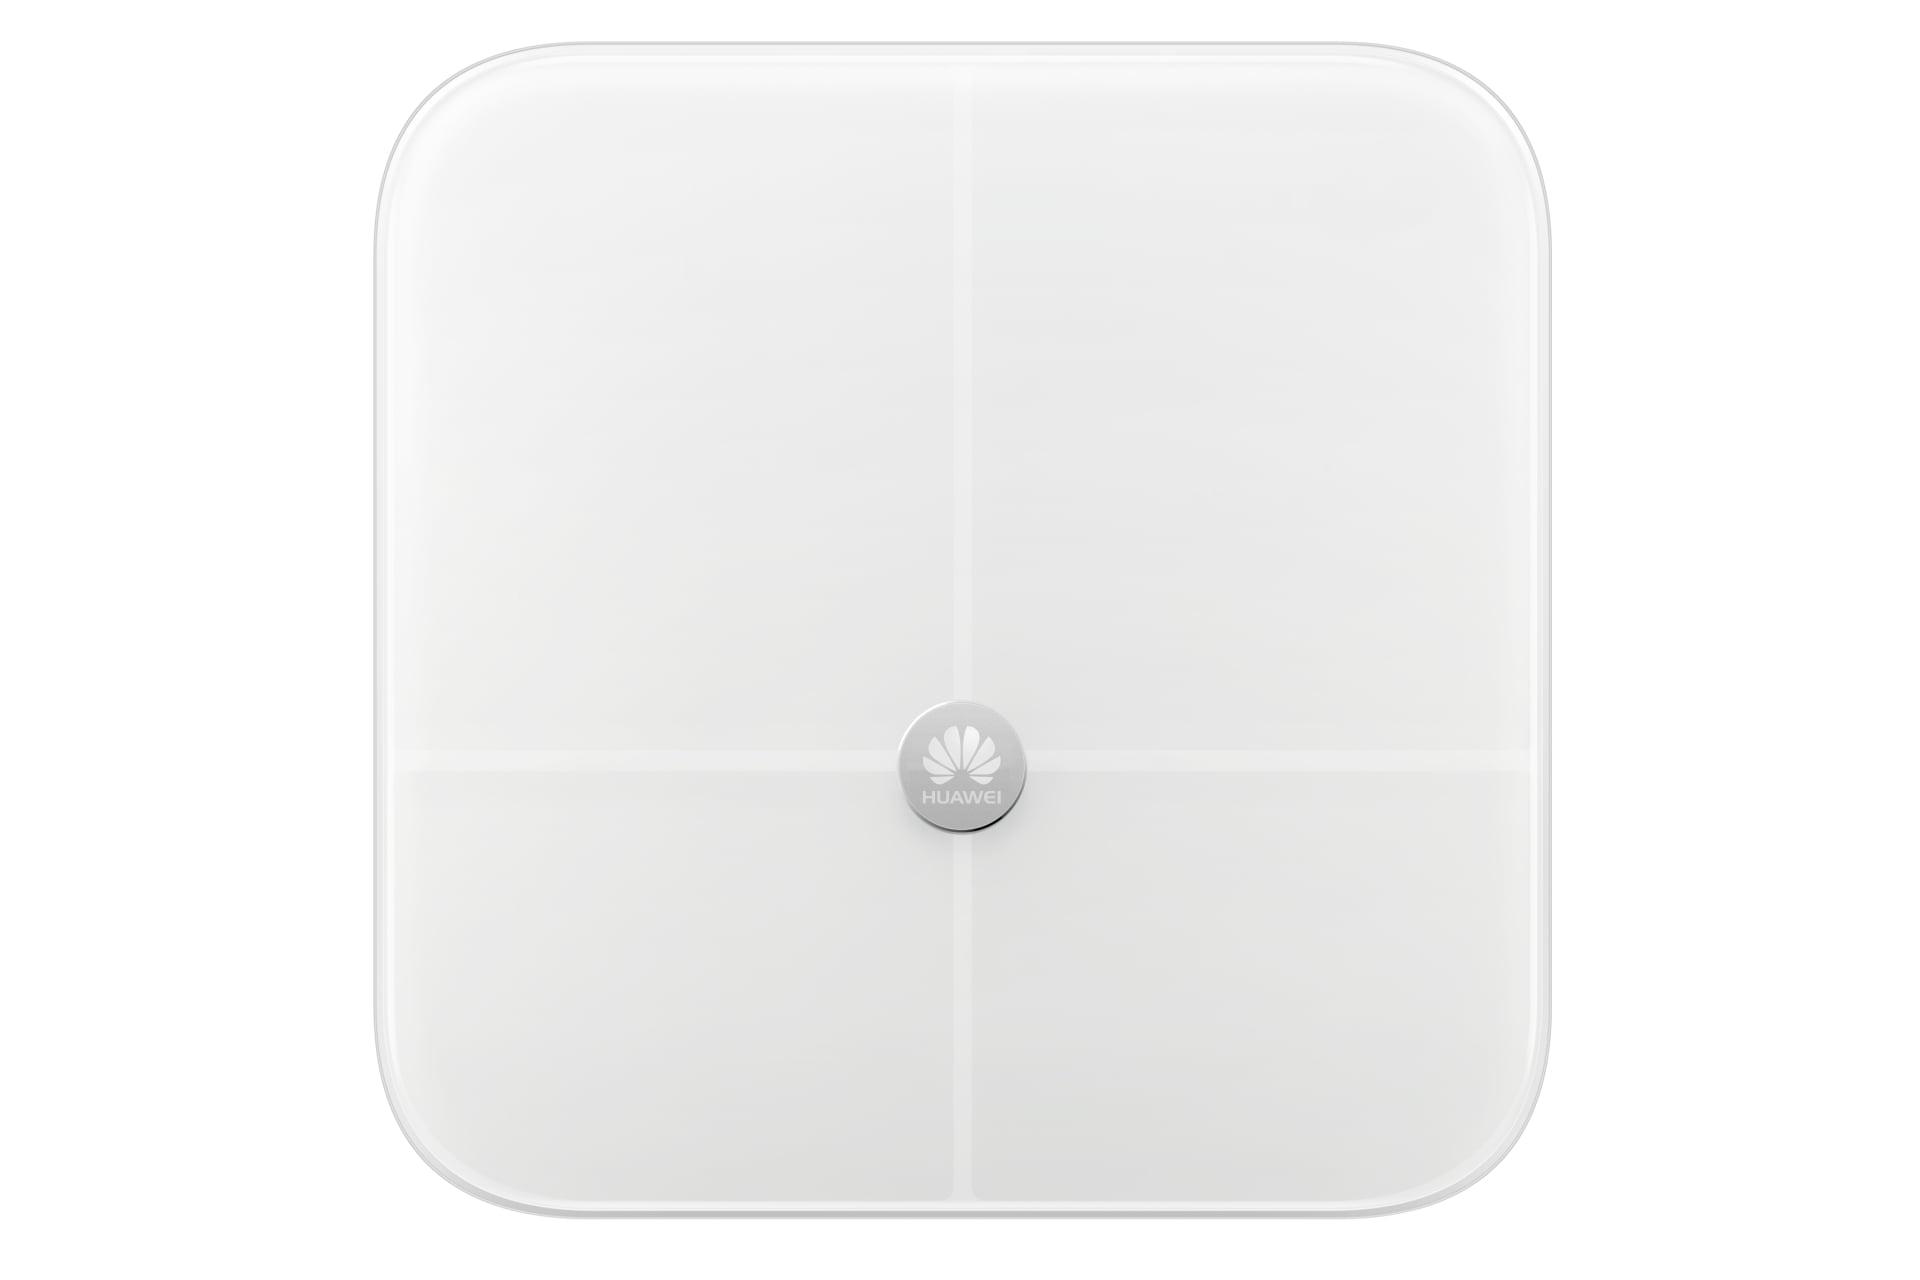 Huawei-Body-Fat-Scale-AH100-inteligentna-waga-fot.-Huawei-3.jpg